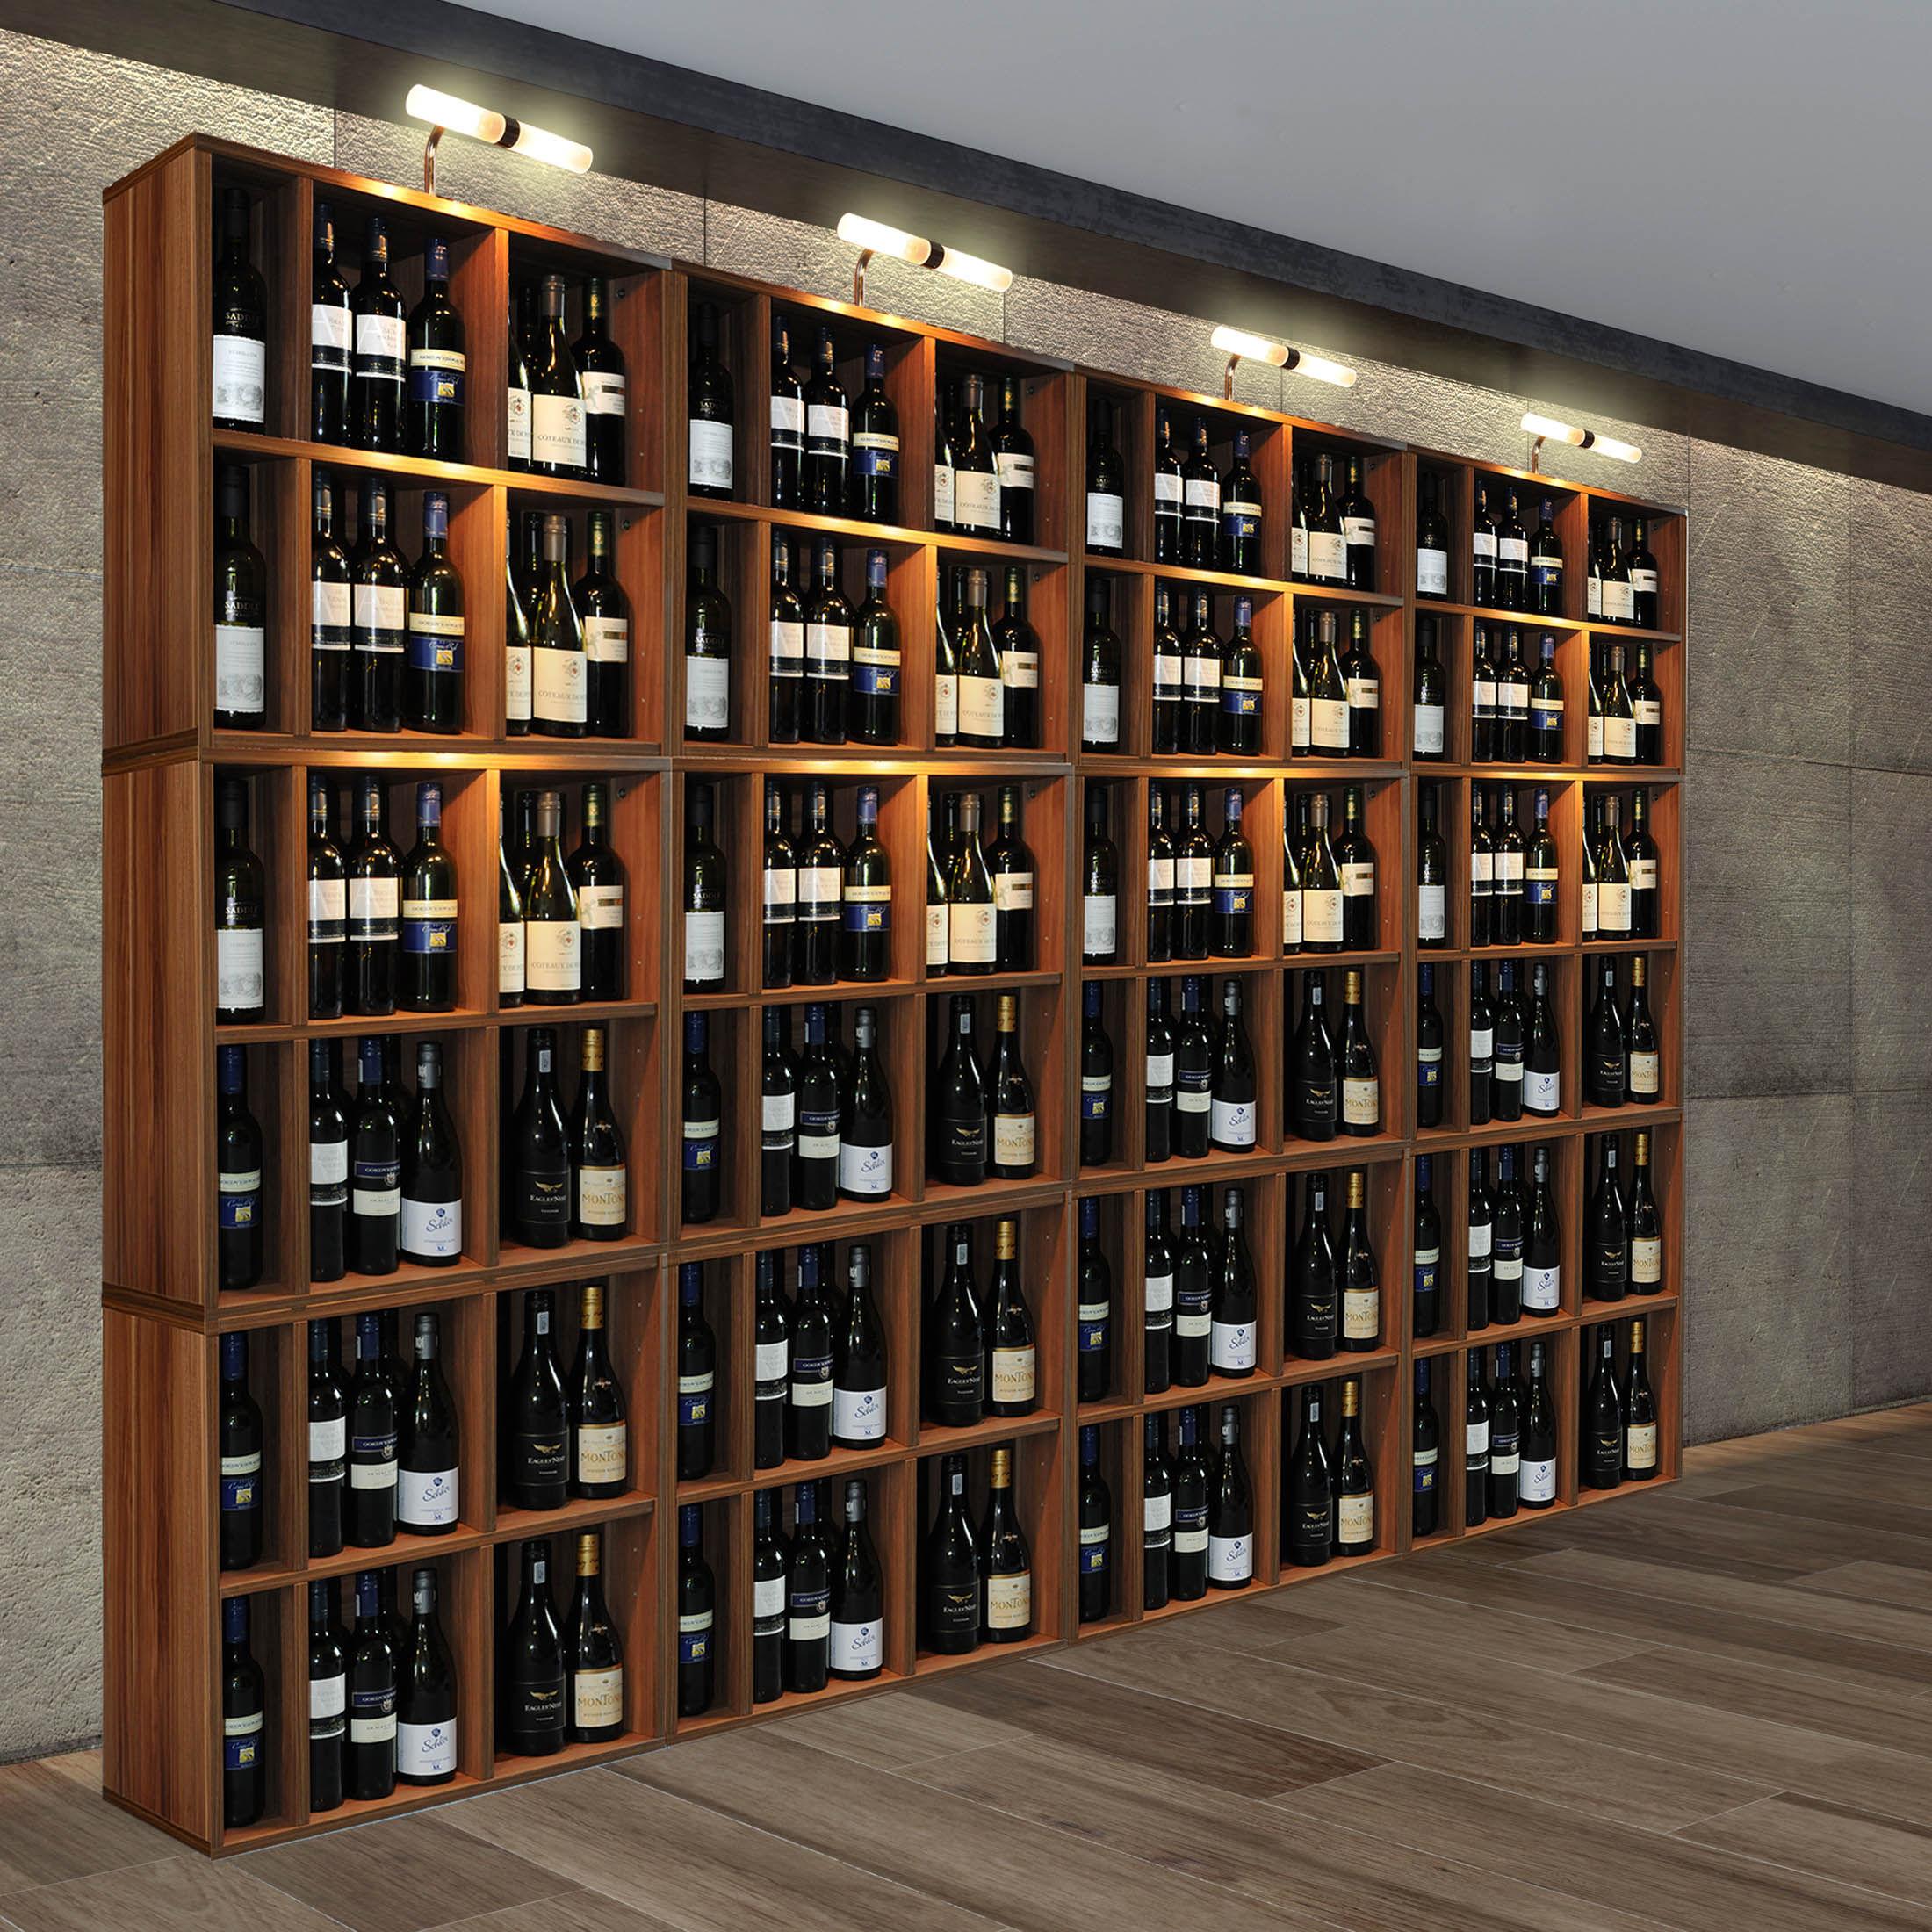 Weinregal Flaschenregal System Cavepro Holz Melamin Beschichtet